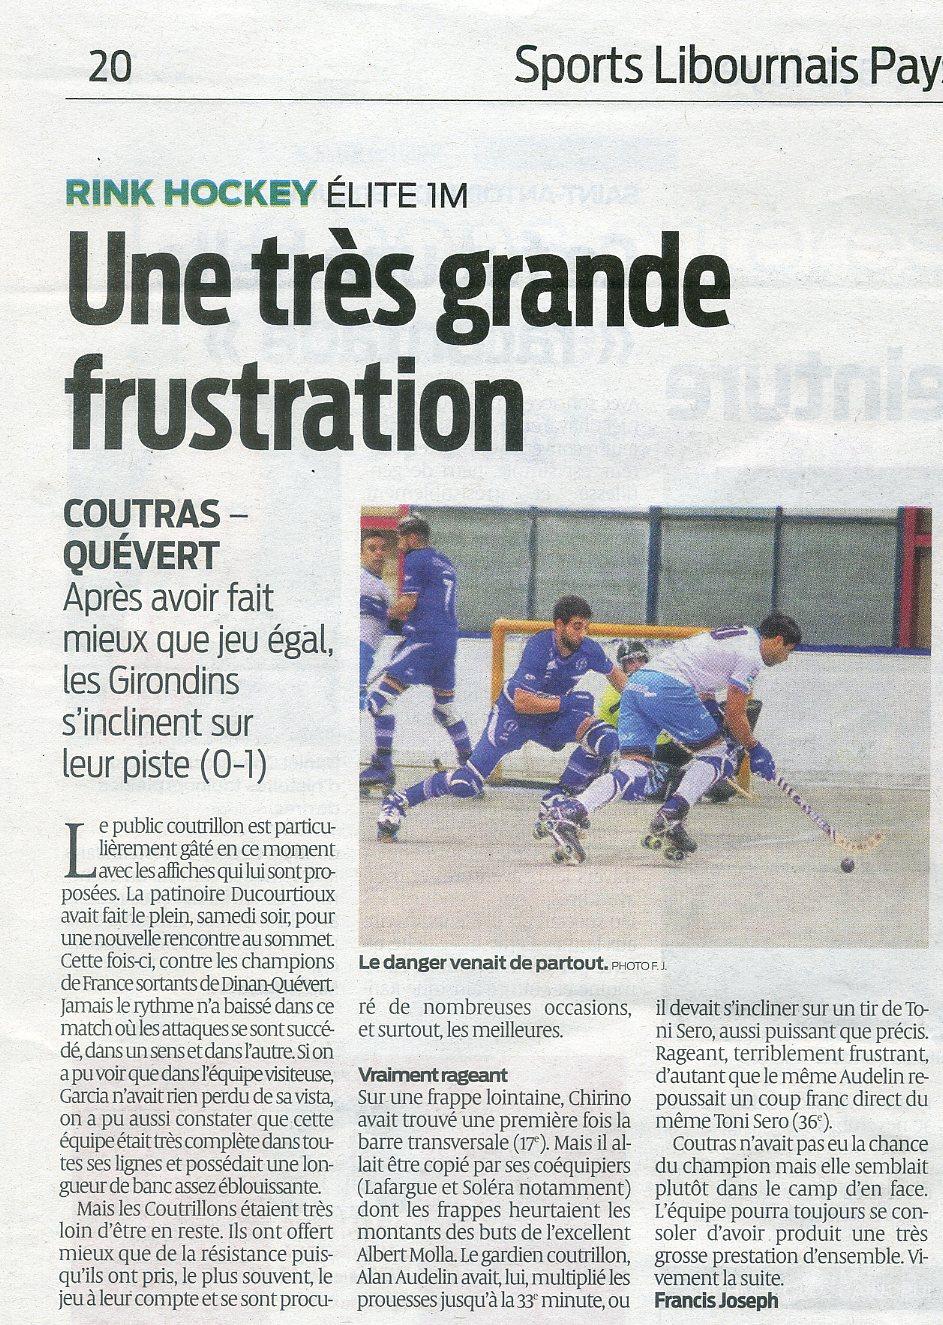 Coutras:Quévert646